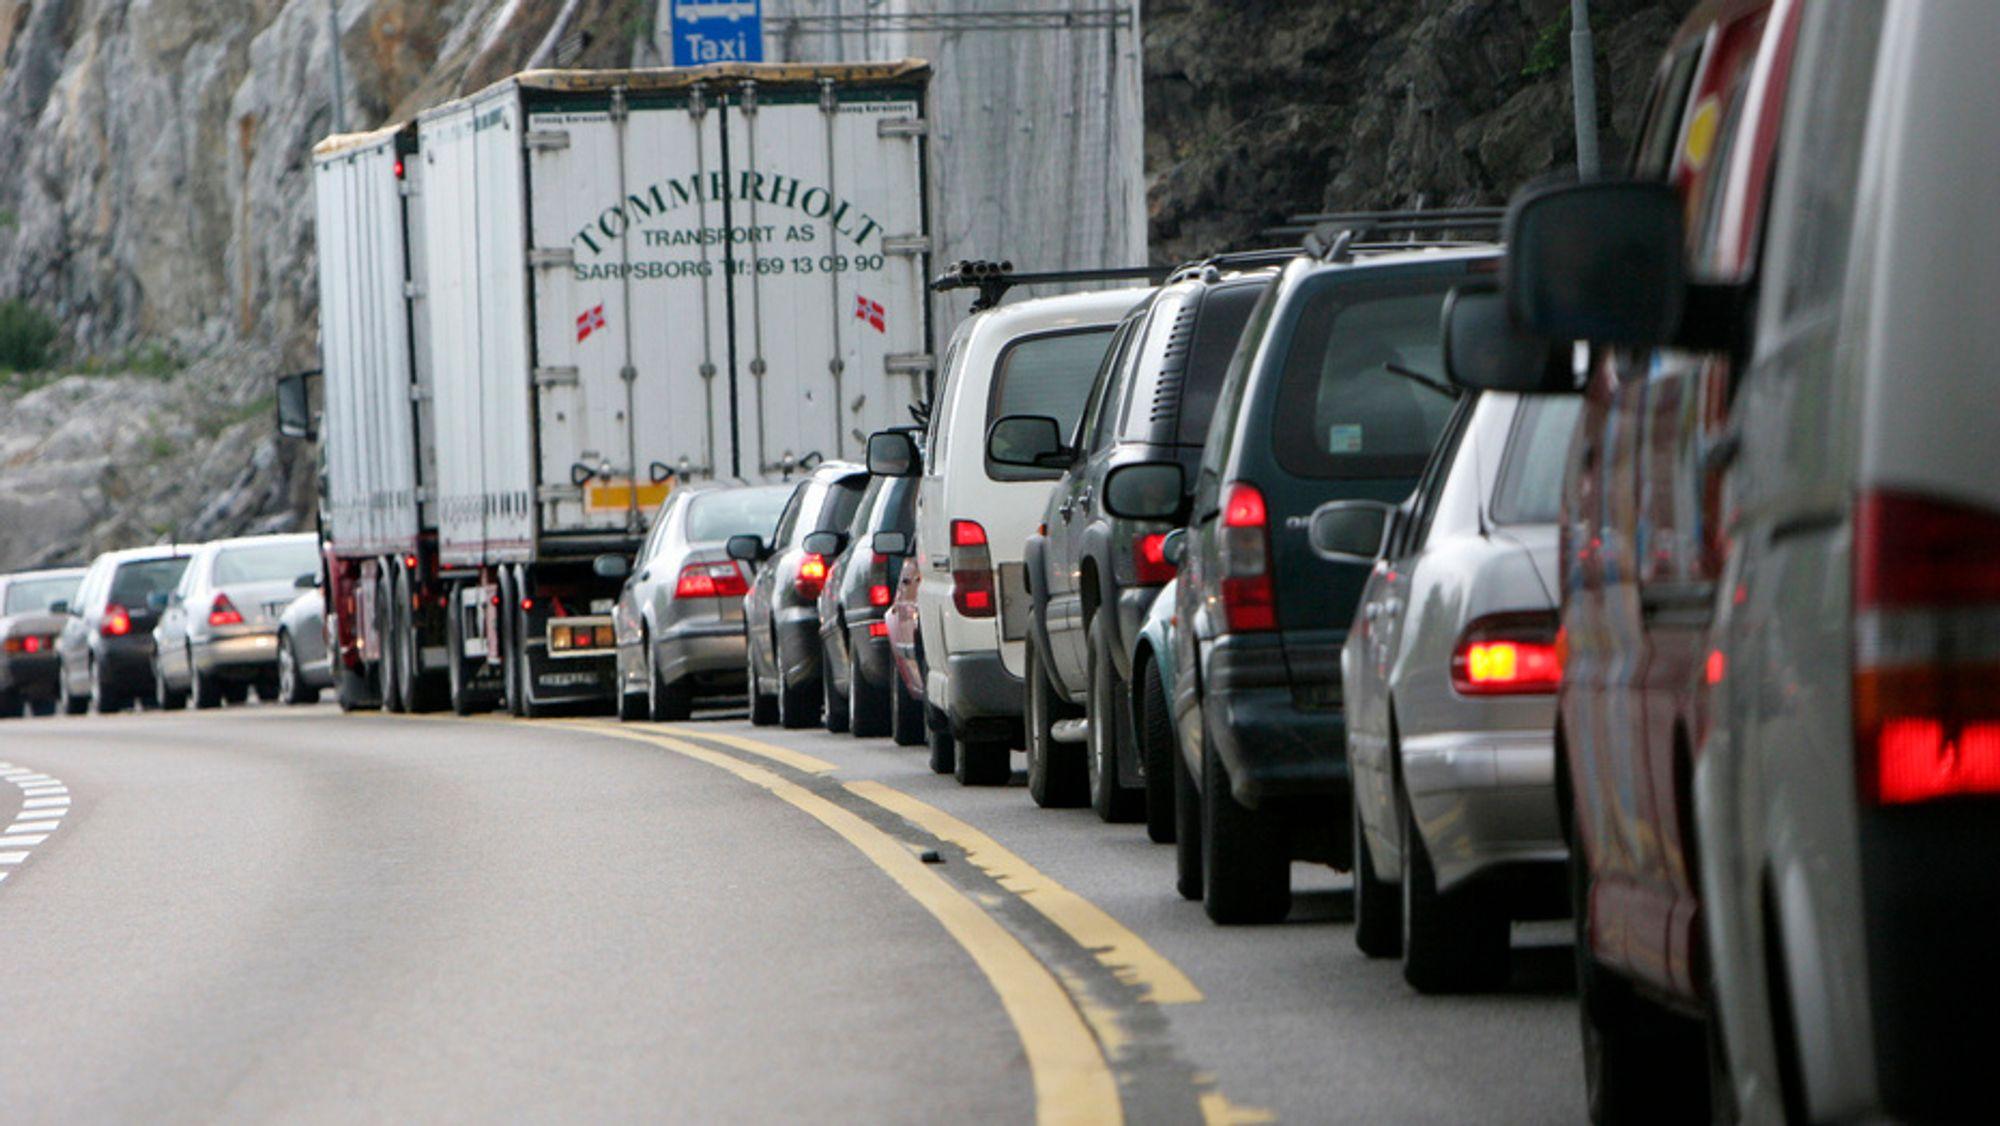 Tett trafikkerte veier kan tenkes å kunne generere strøm. Dette utforskes i California.